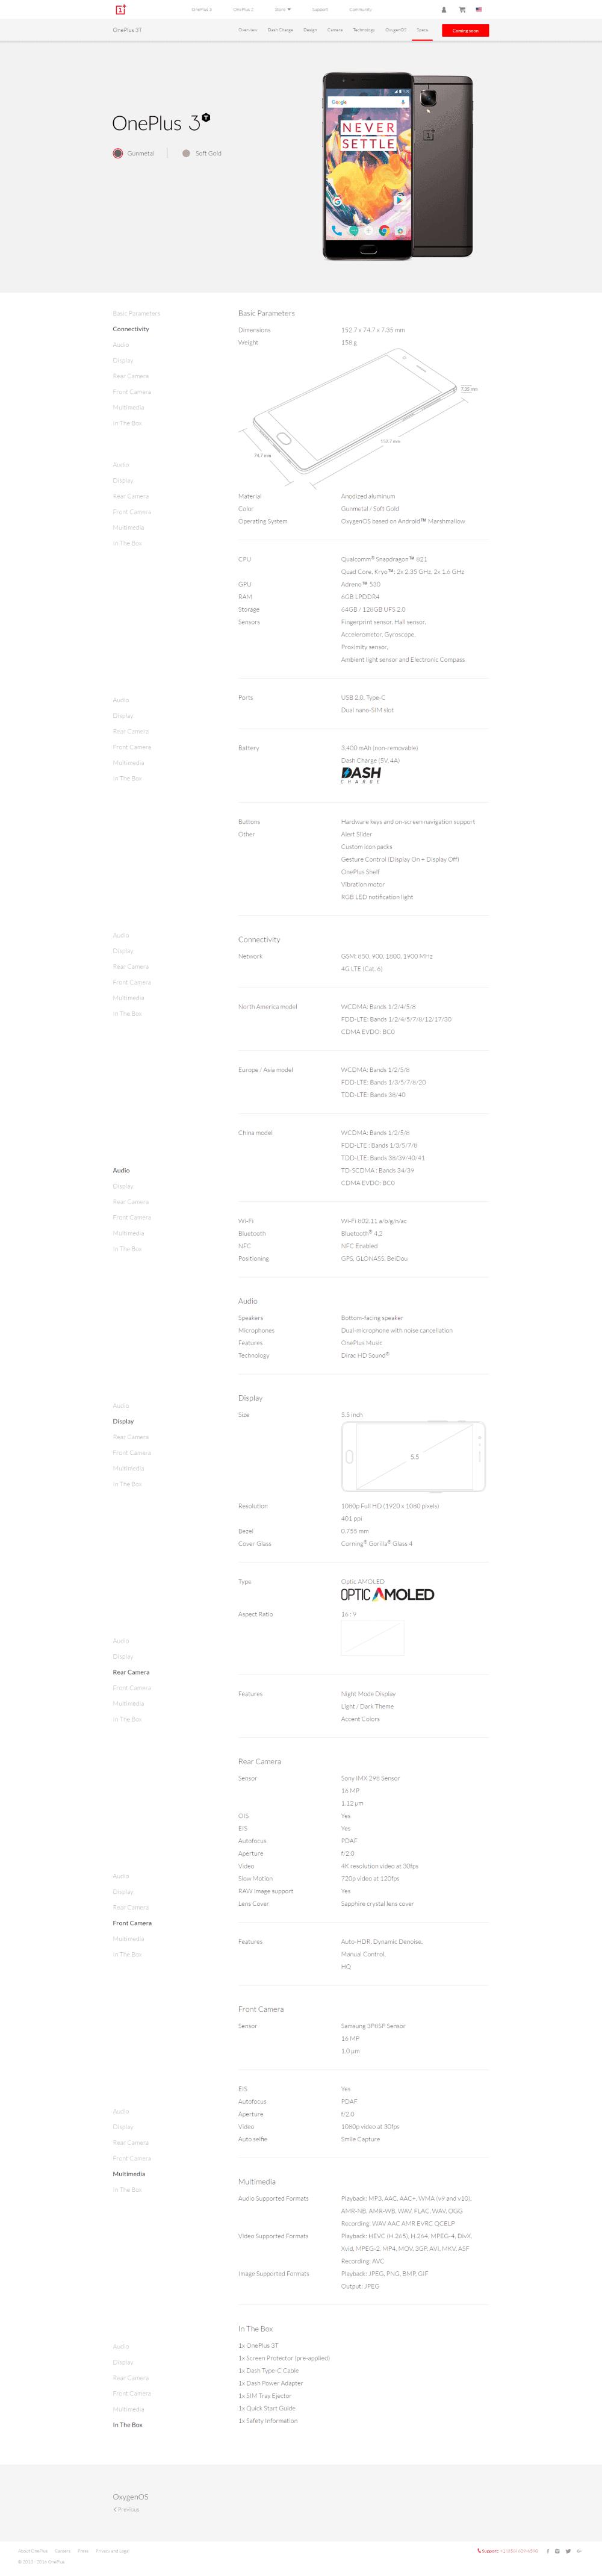 oneplus-3t-specs-leaked